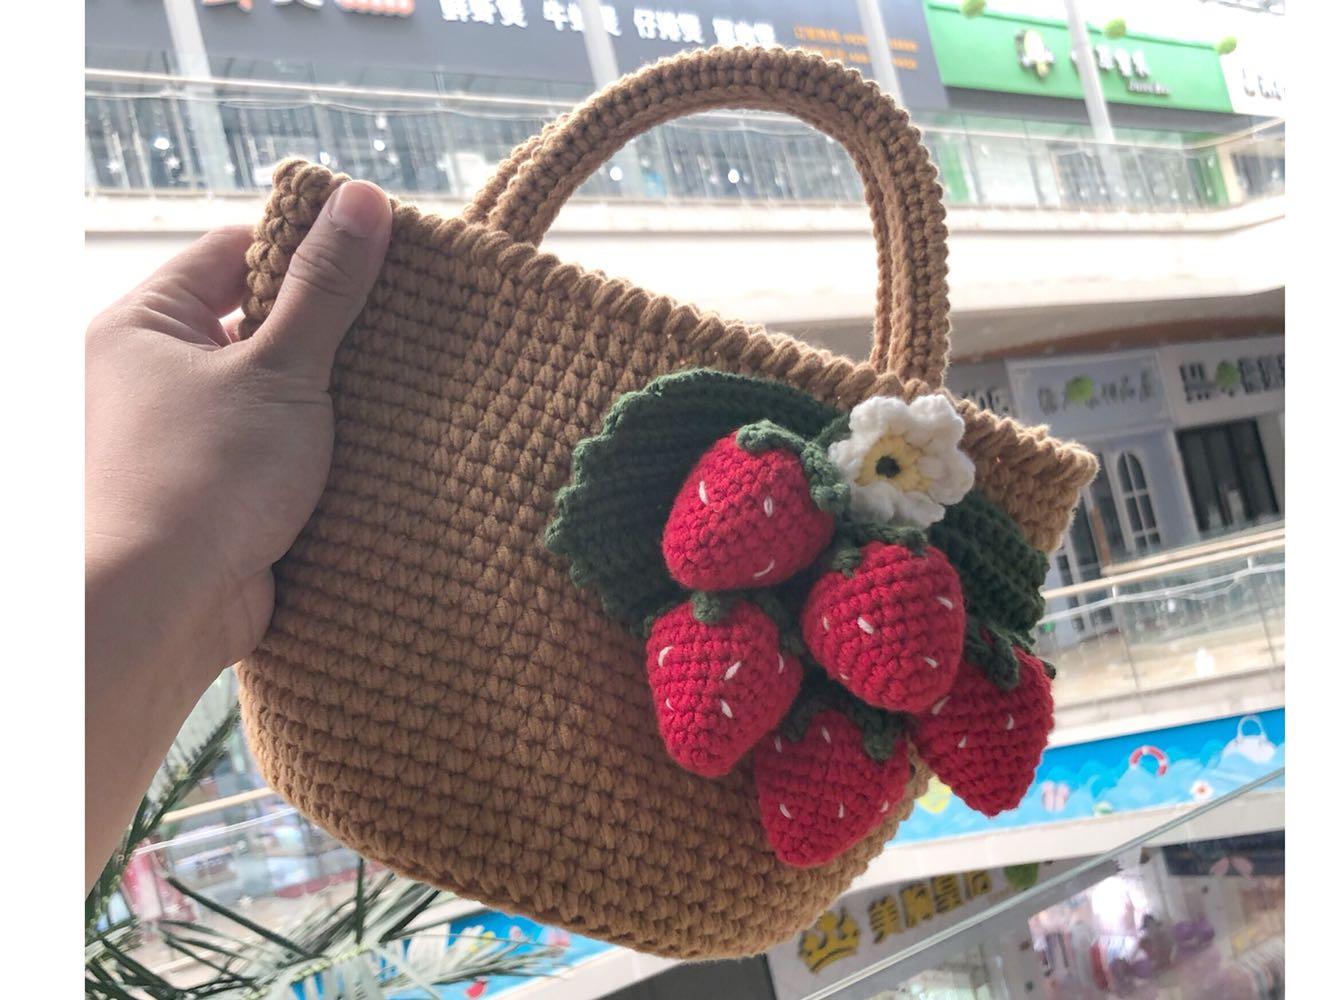 diy手提包 米粒麻麻手工草莓包泫雅钩针diy毛线草莓编织手提材料包非成品_推荐淘宝好看的diy手提包